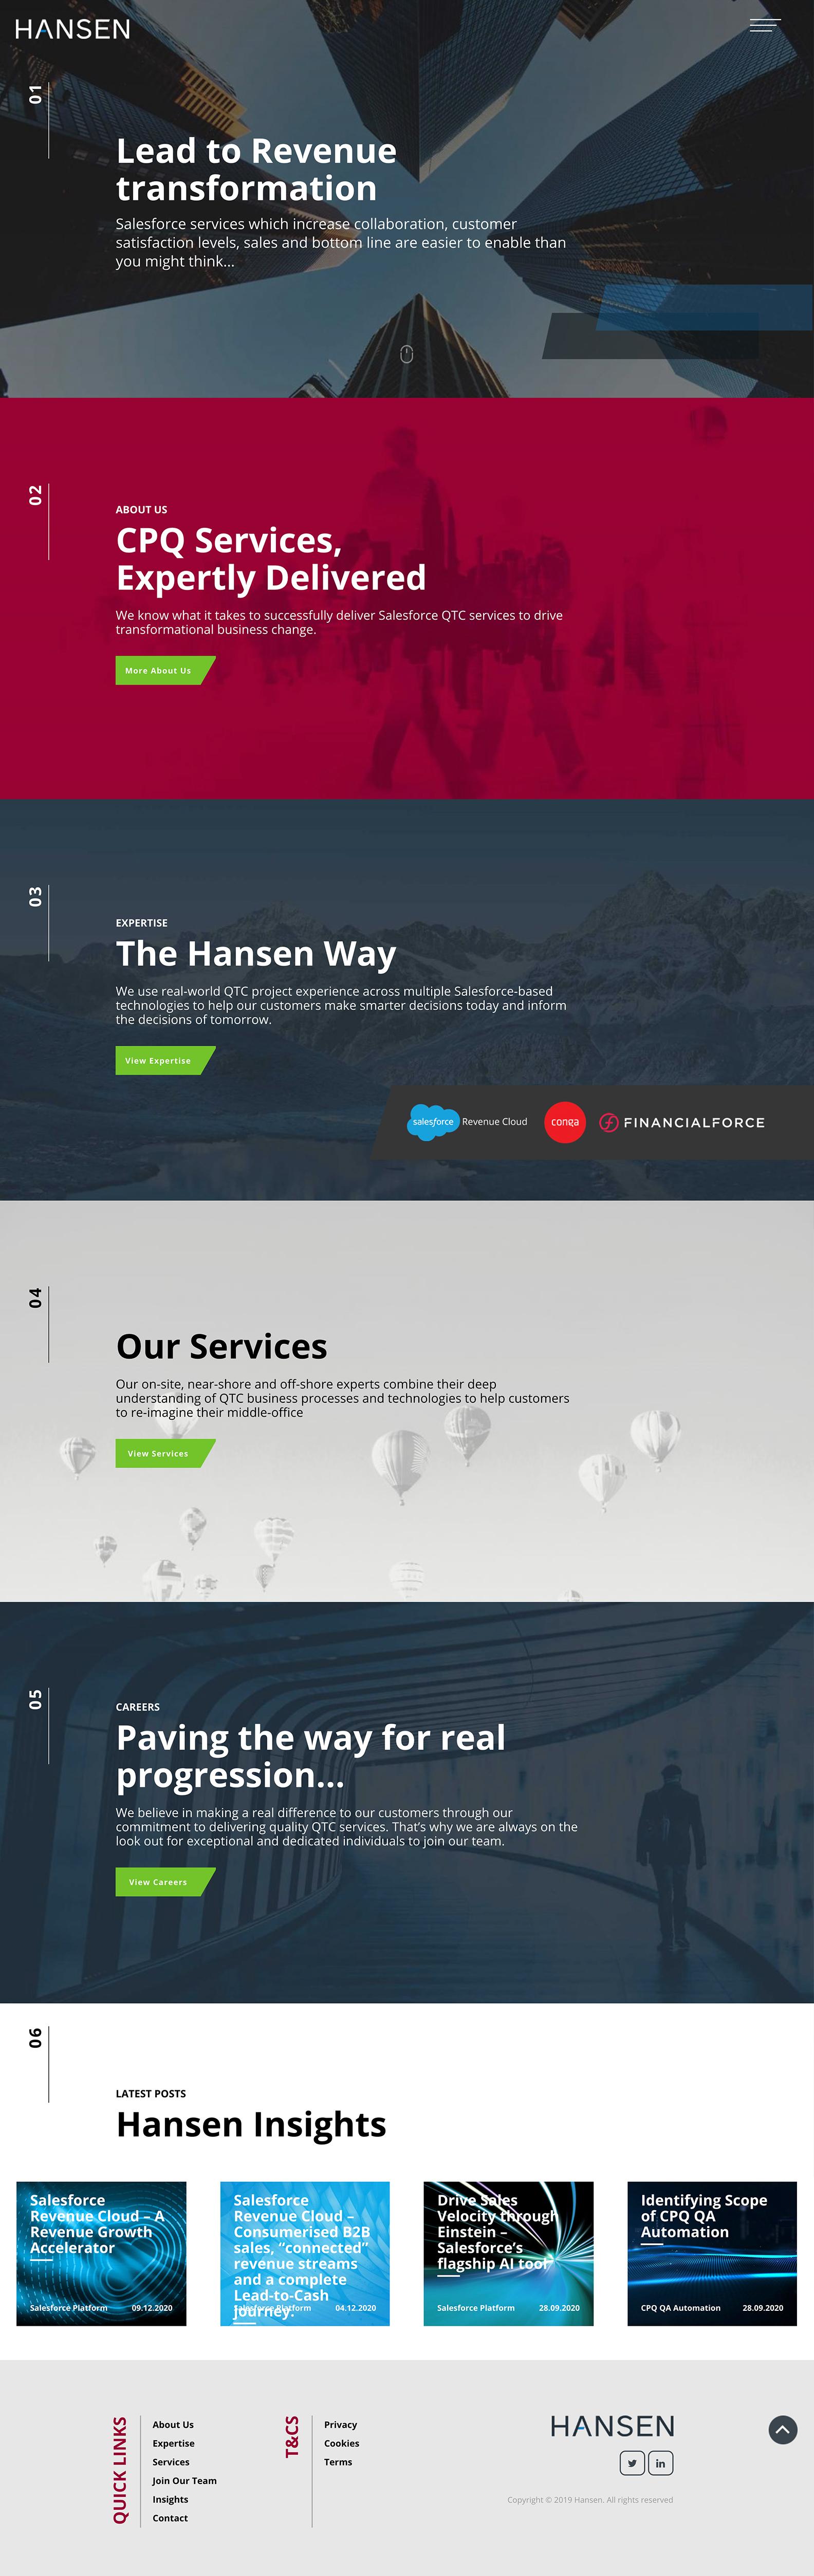 Hansen Desktop View